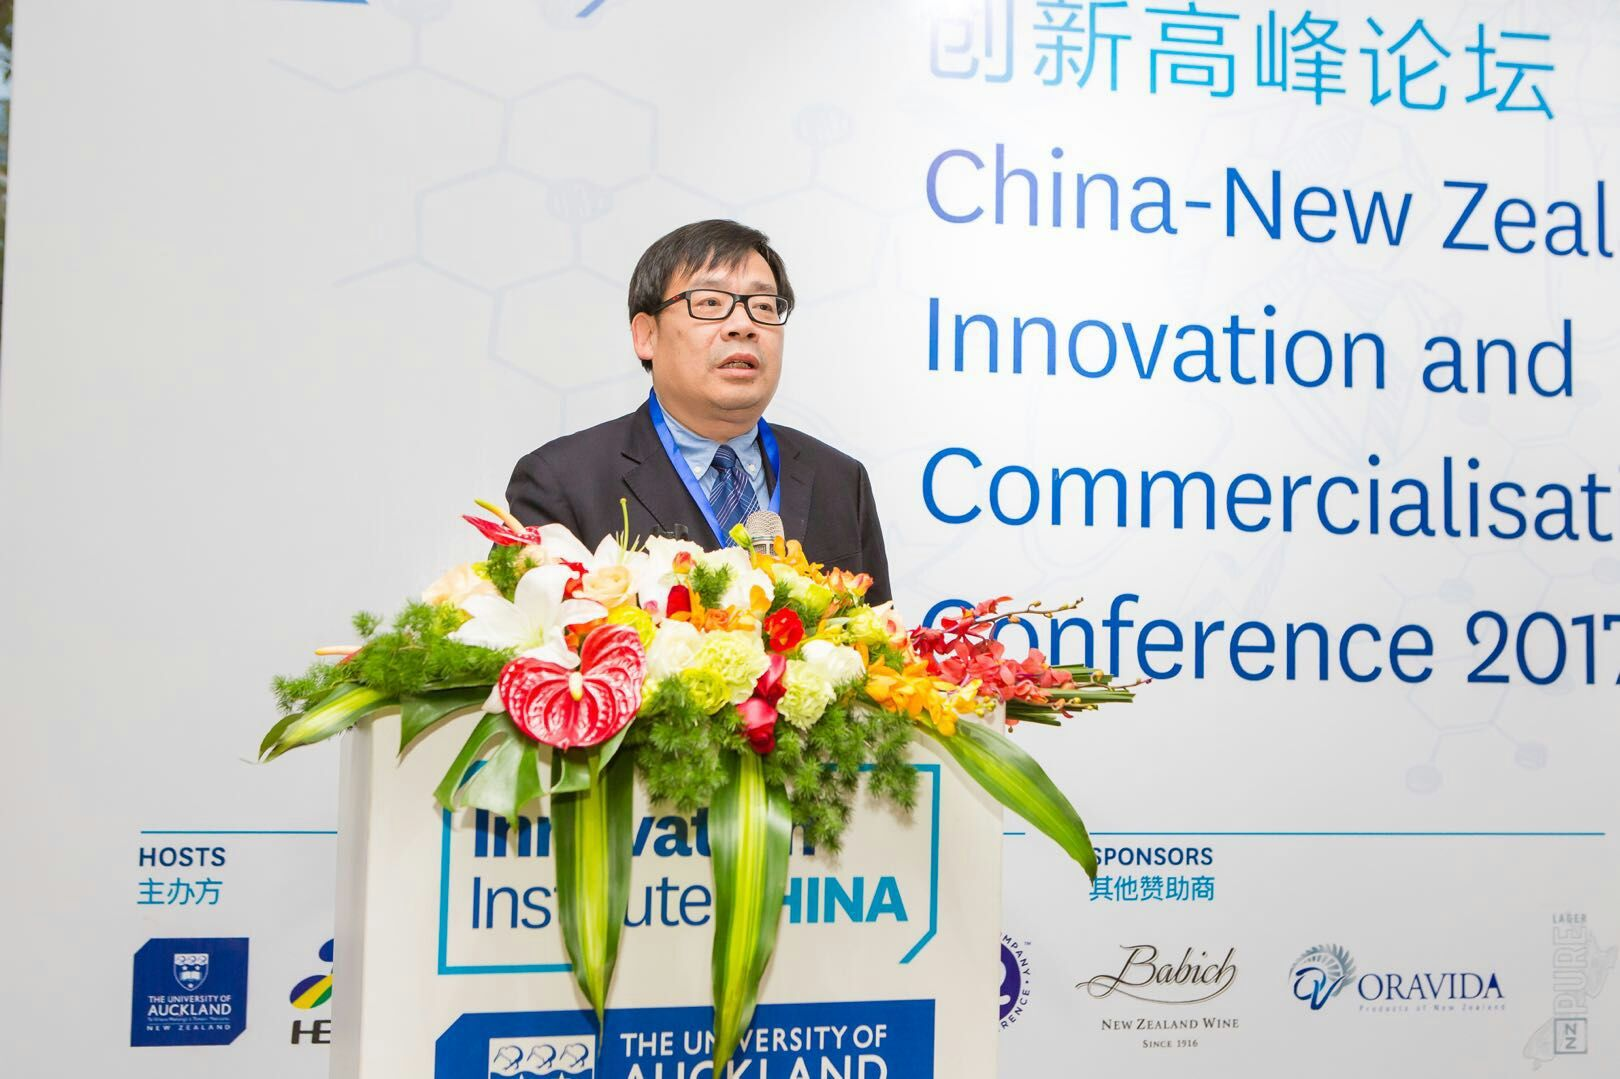 浙江大学举办2017首届中新国际技术创新高峰论坛